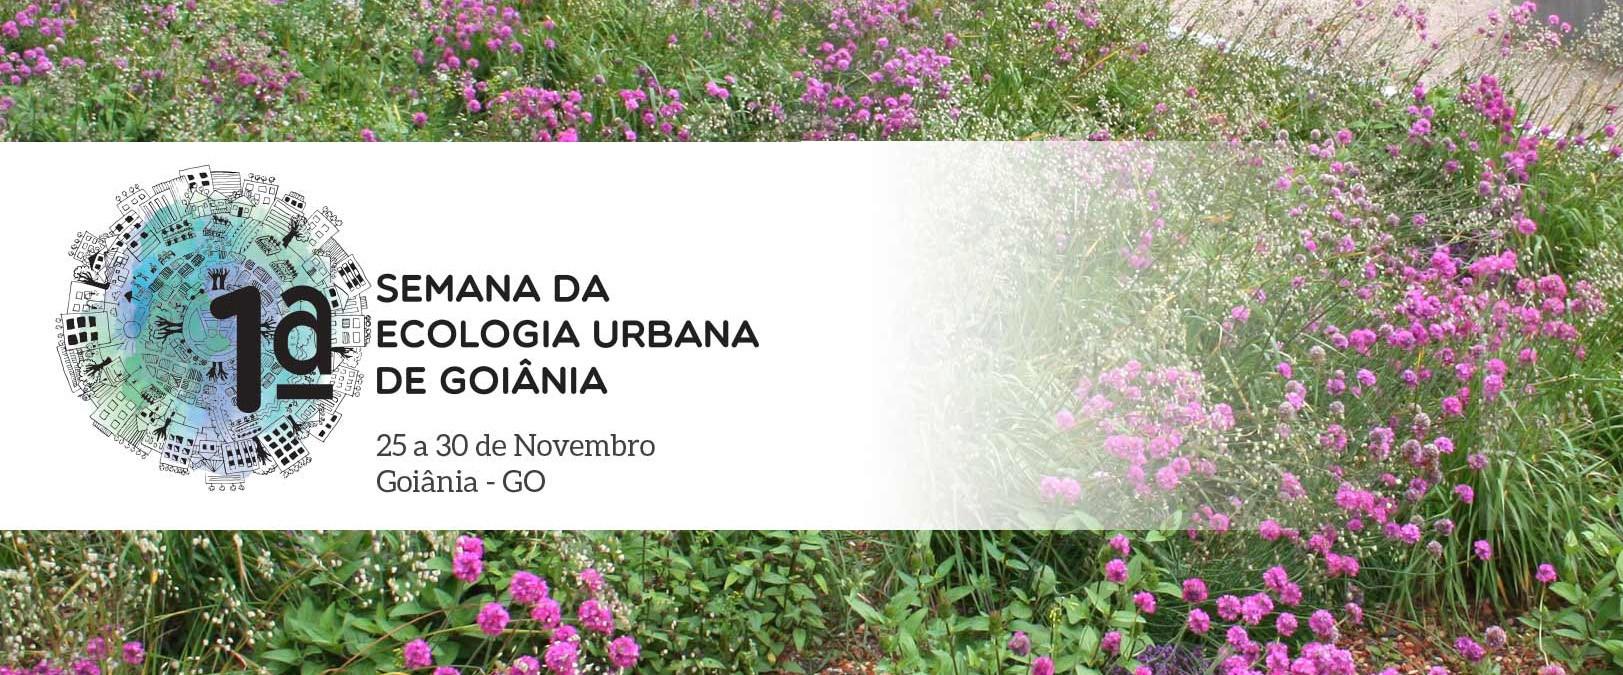 1ª Semana da Ecologia Urbana de Goiânia, Cortesia de Sobreurbana